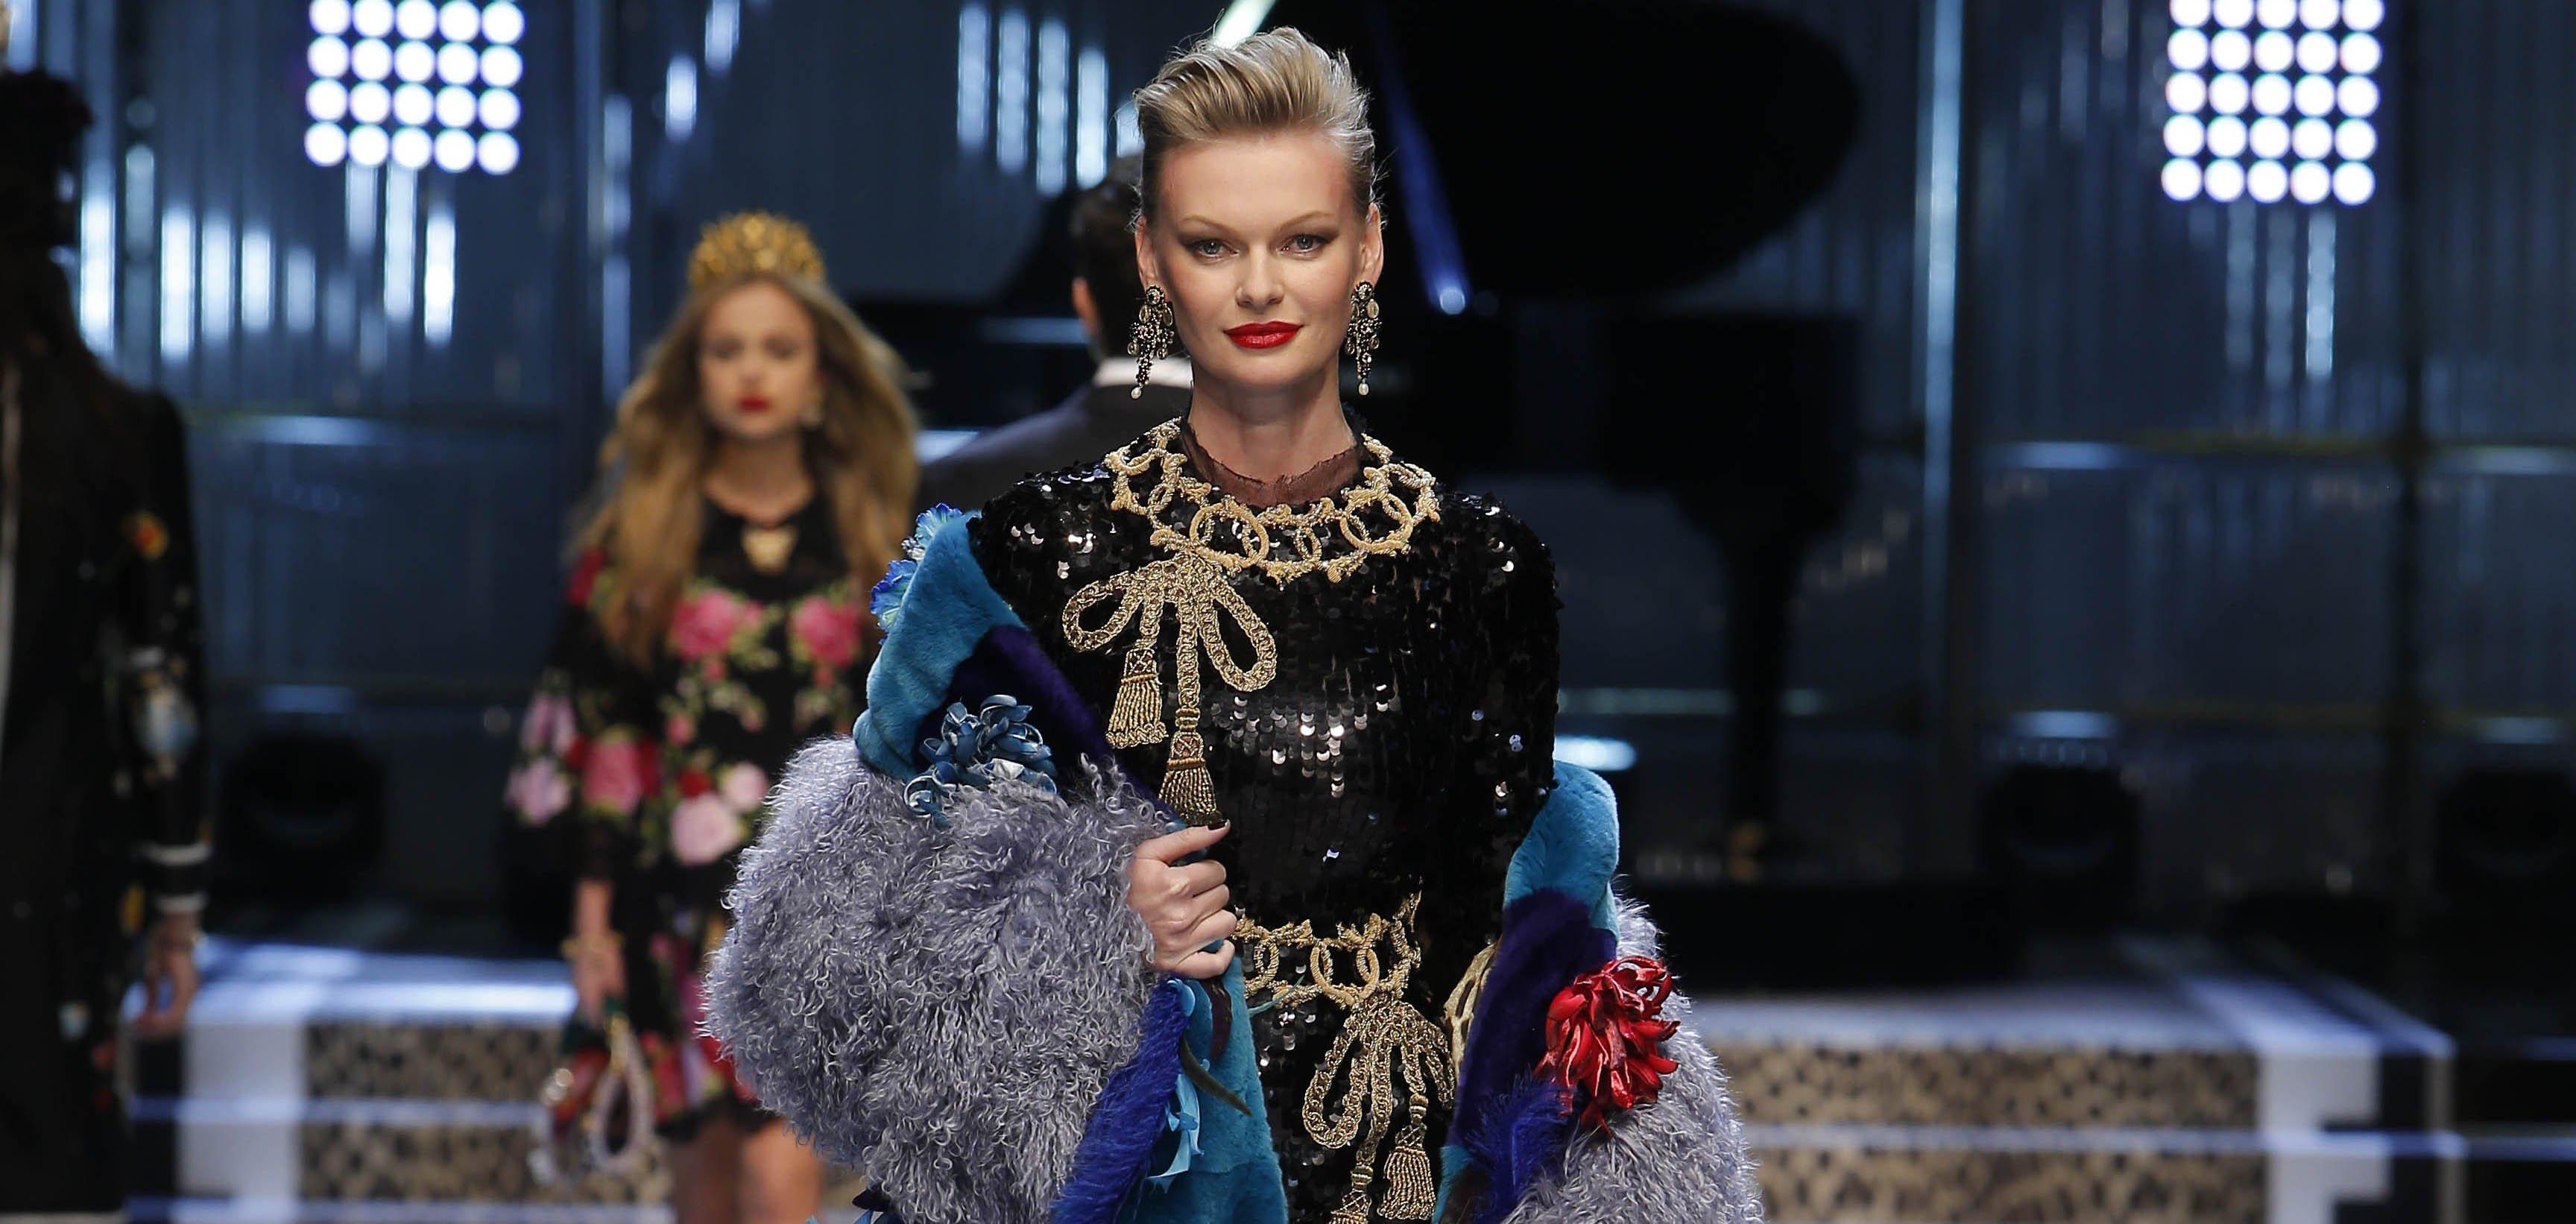 Dolce&Gabbana_women's fashion show fw17-18_Runway_images (68)